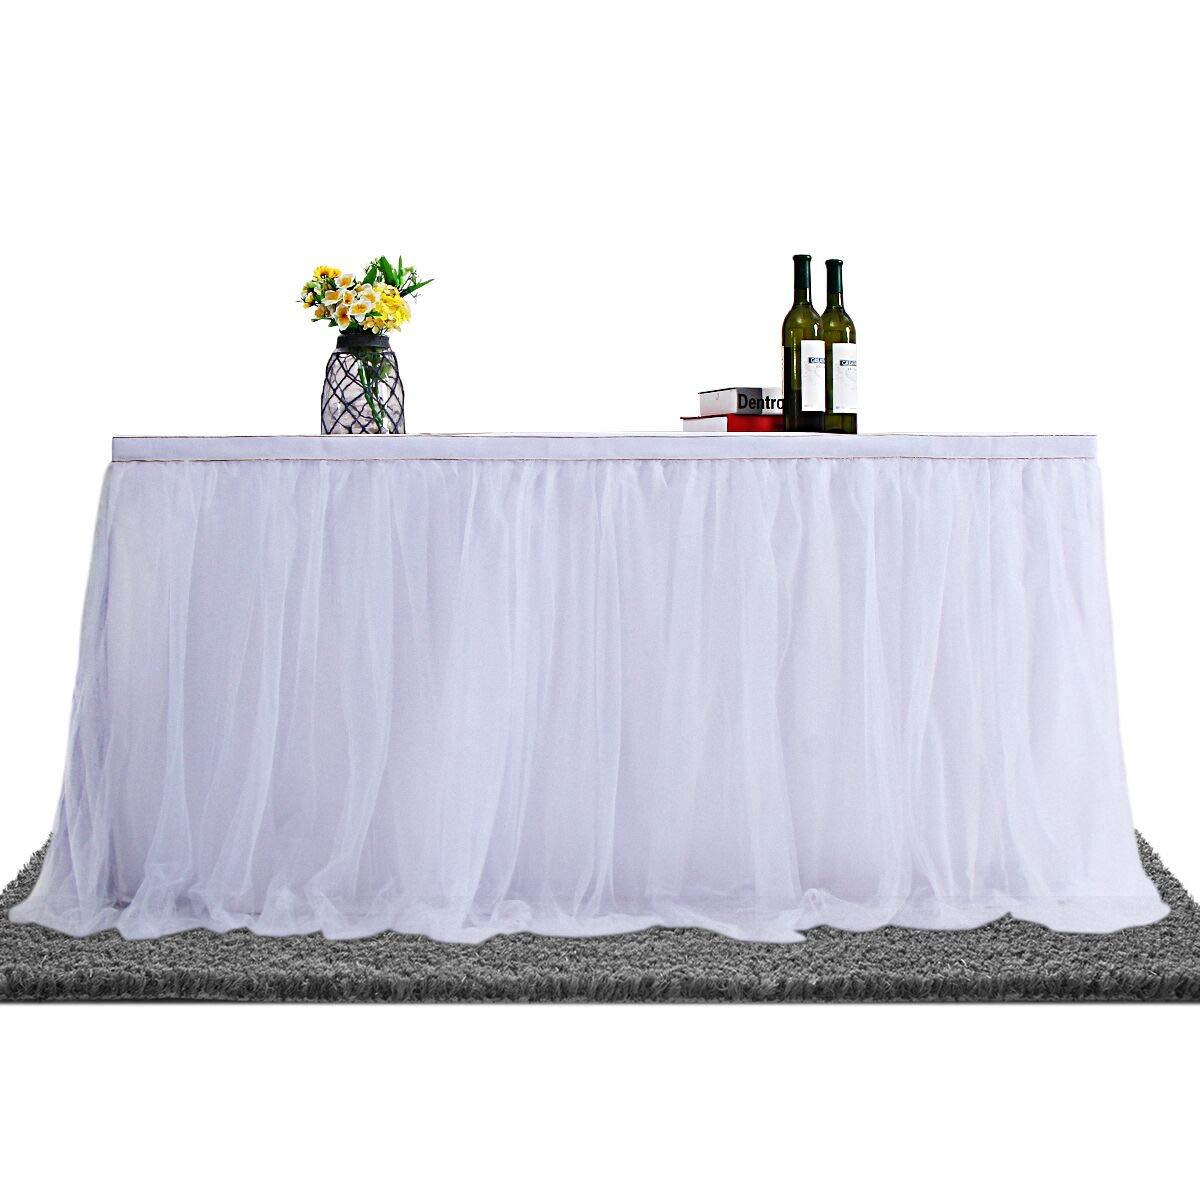 Falda de tul de alta gama para fiesta, boda, fiesta de cumpleañ os y decoració n del hogar, diseñ o de tul, color dorado fiesta de cumpleaños y decoración del hogar diseño de tul